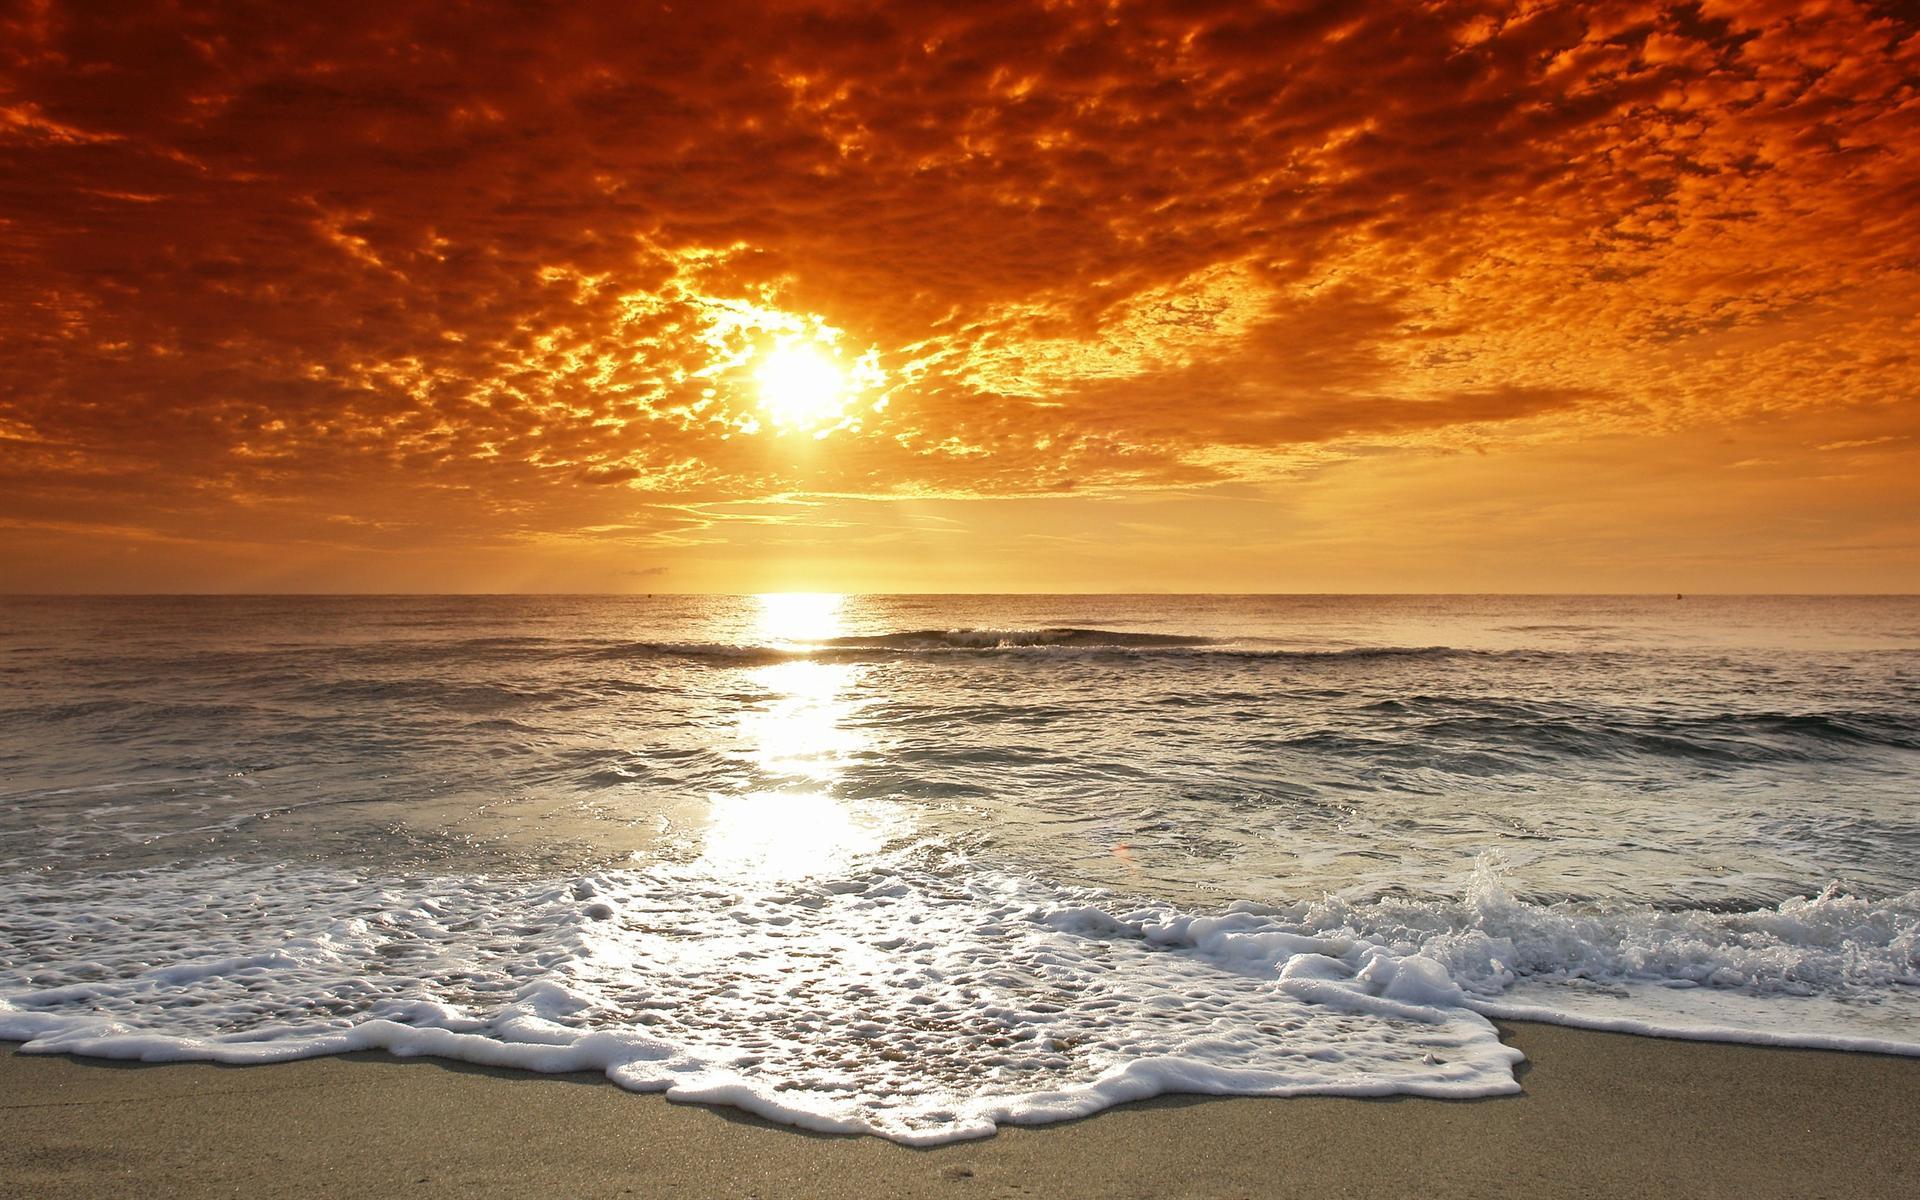 Sunset Beach Tide Desktop Wallpaper Background Desktop Wallpaper 1920x1200